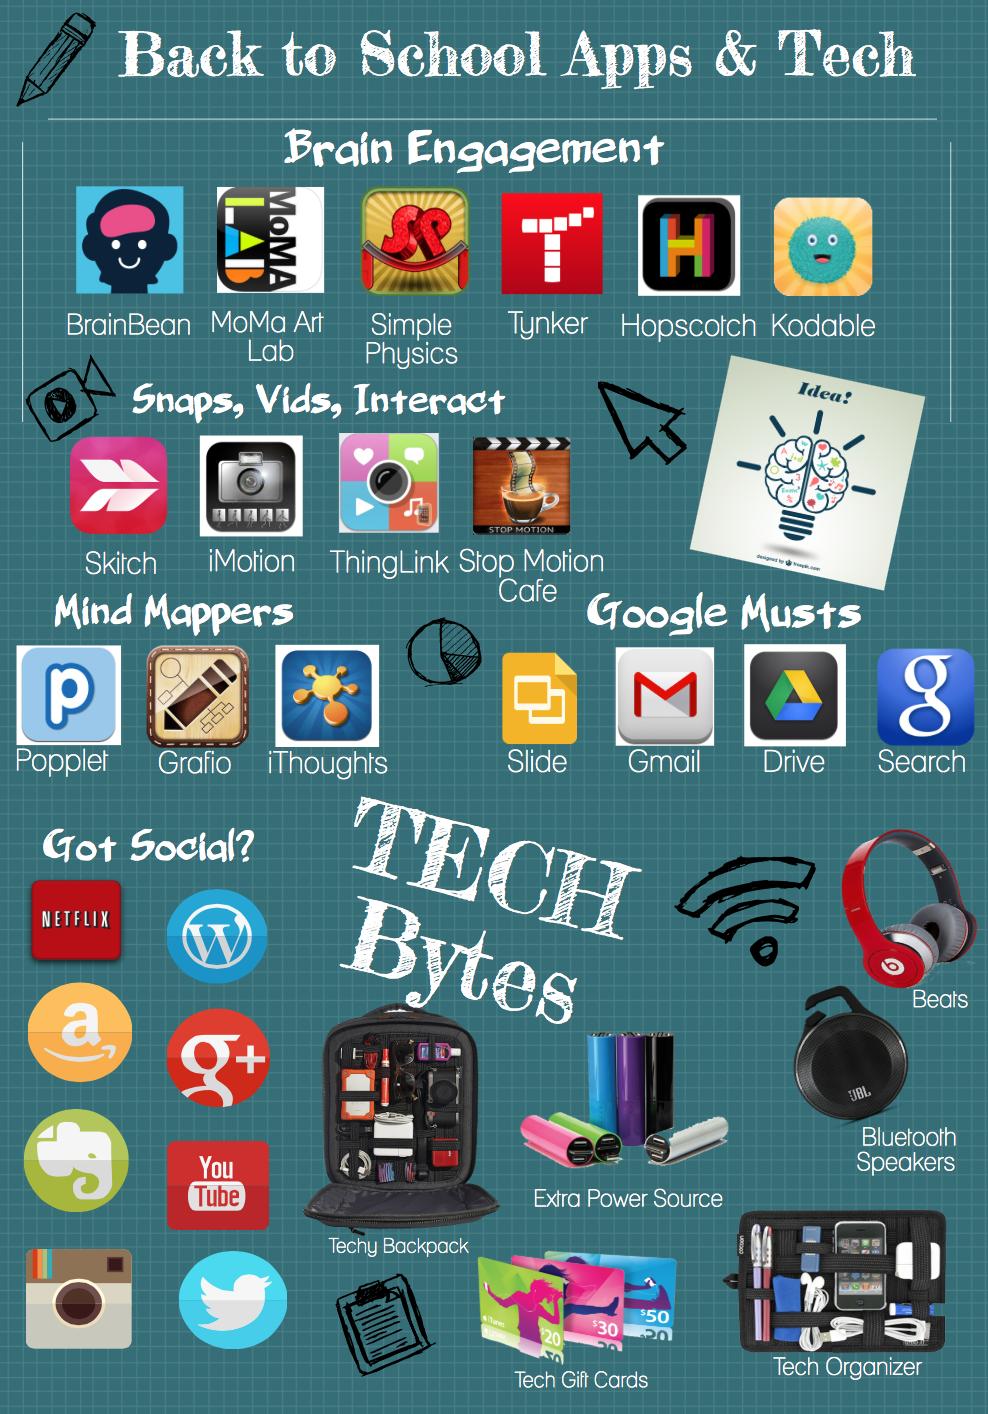 Back To School Apps & Tech